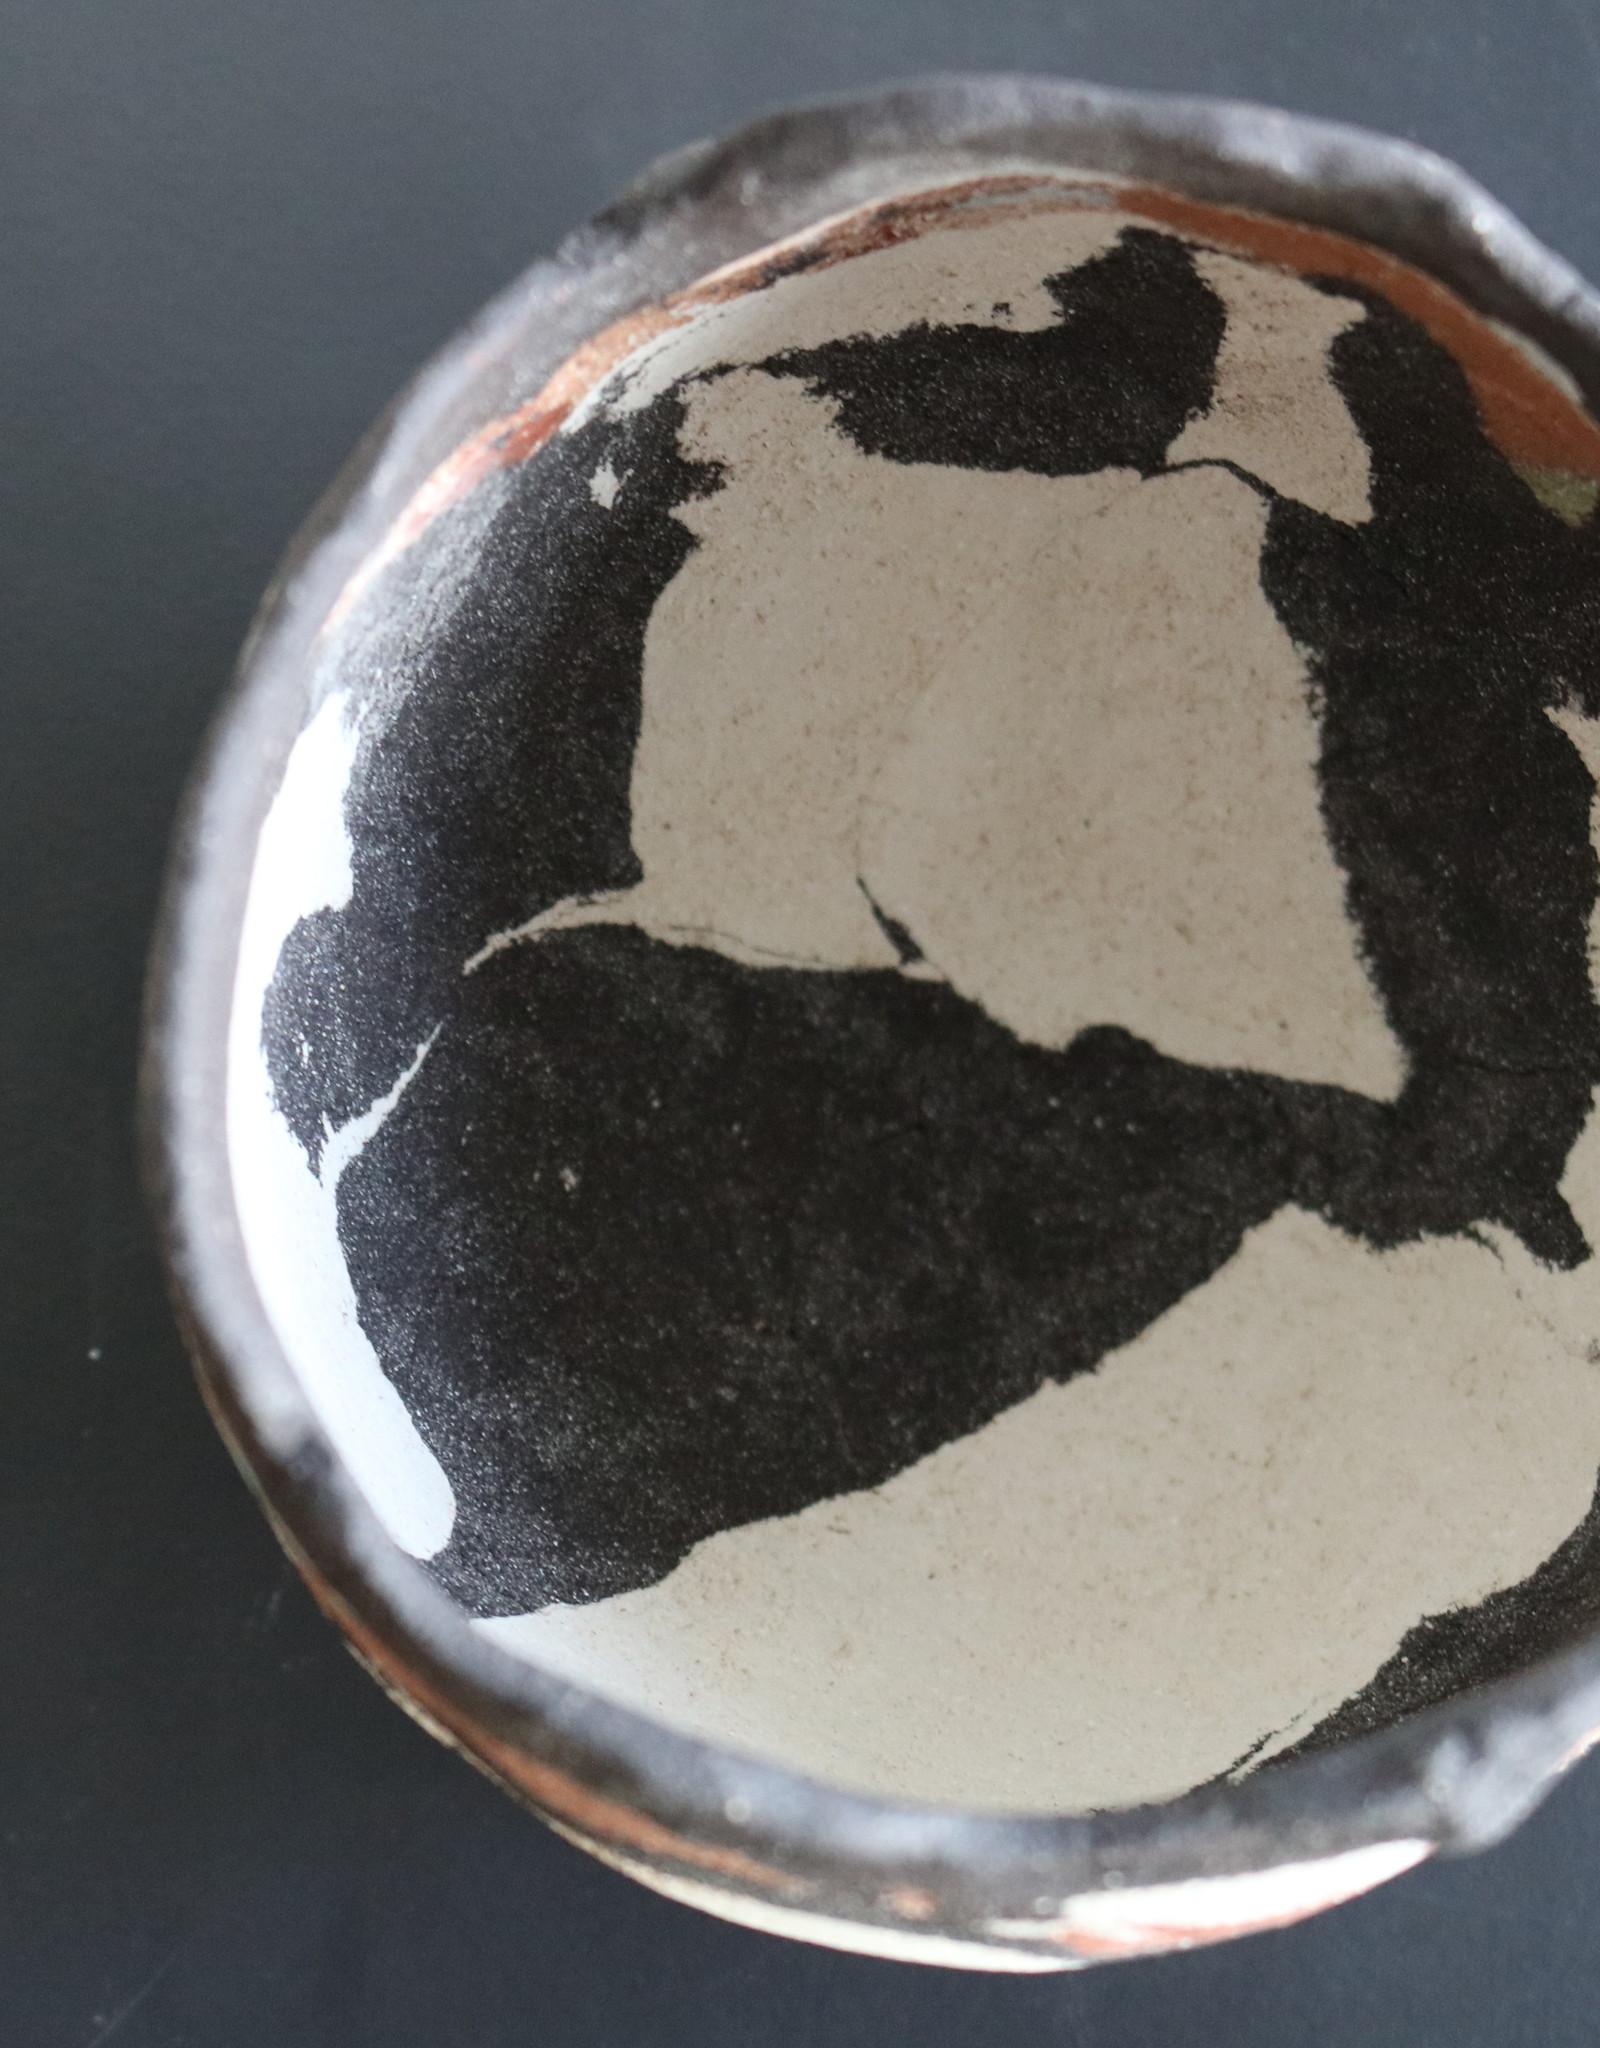 Bernadette Tuite Mizen Head iv (10 x 10cm)